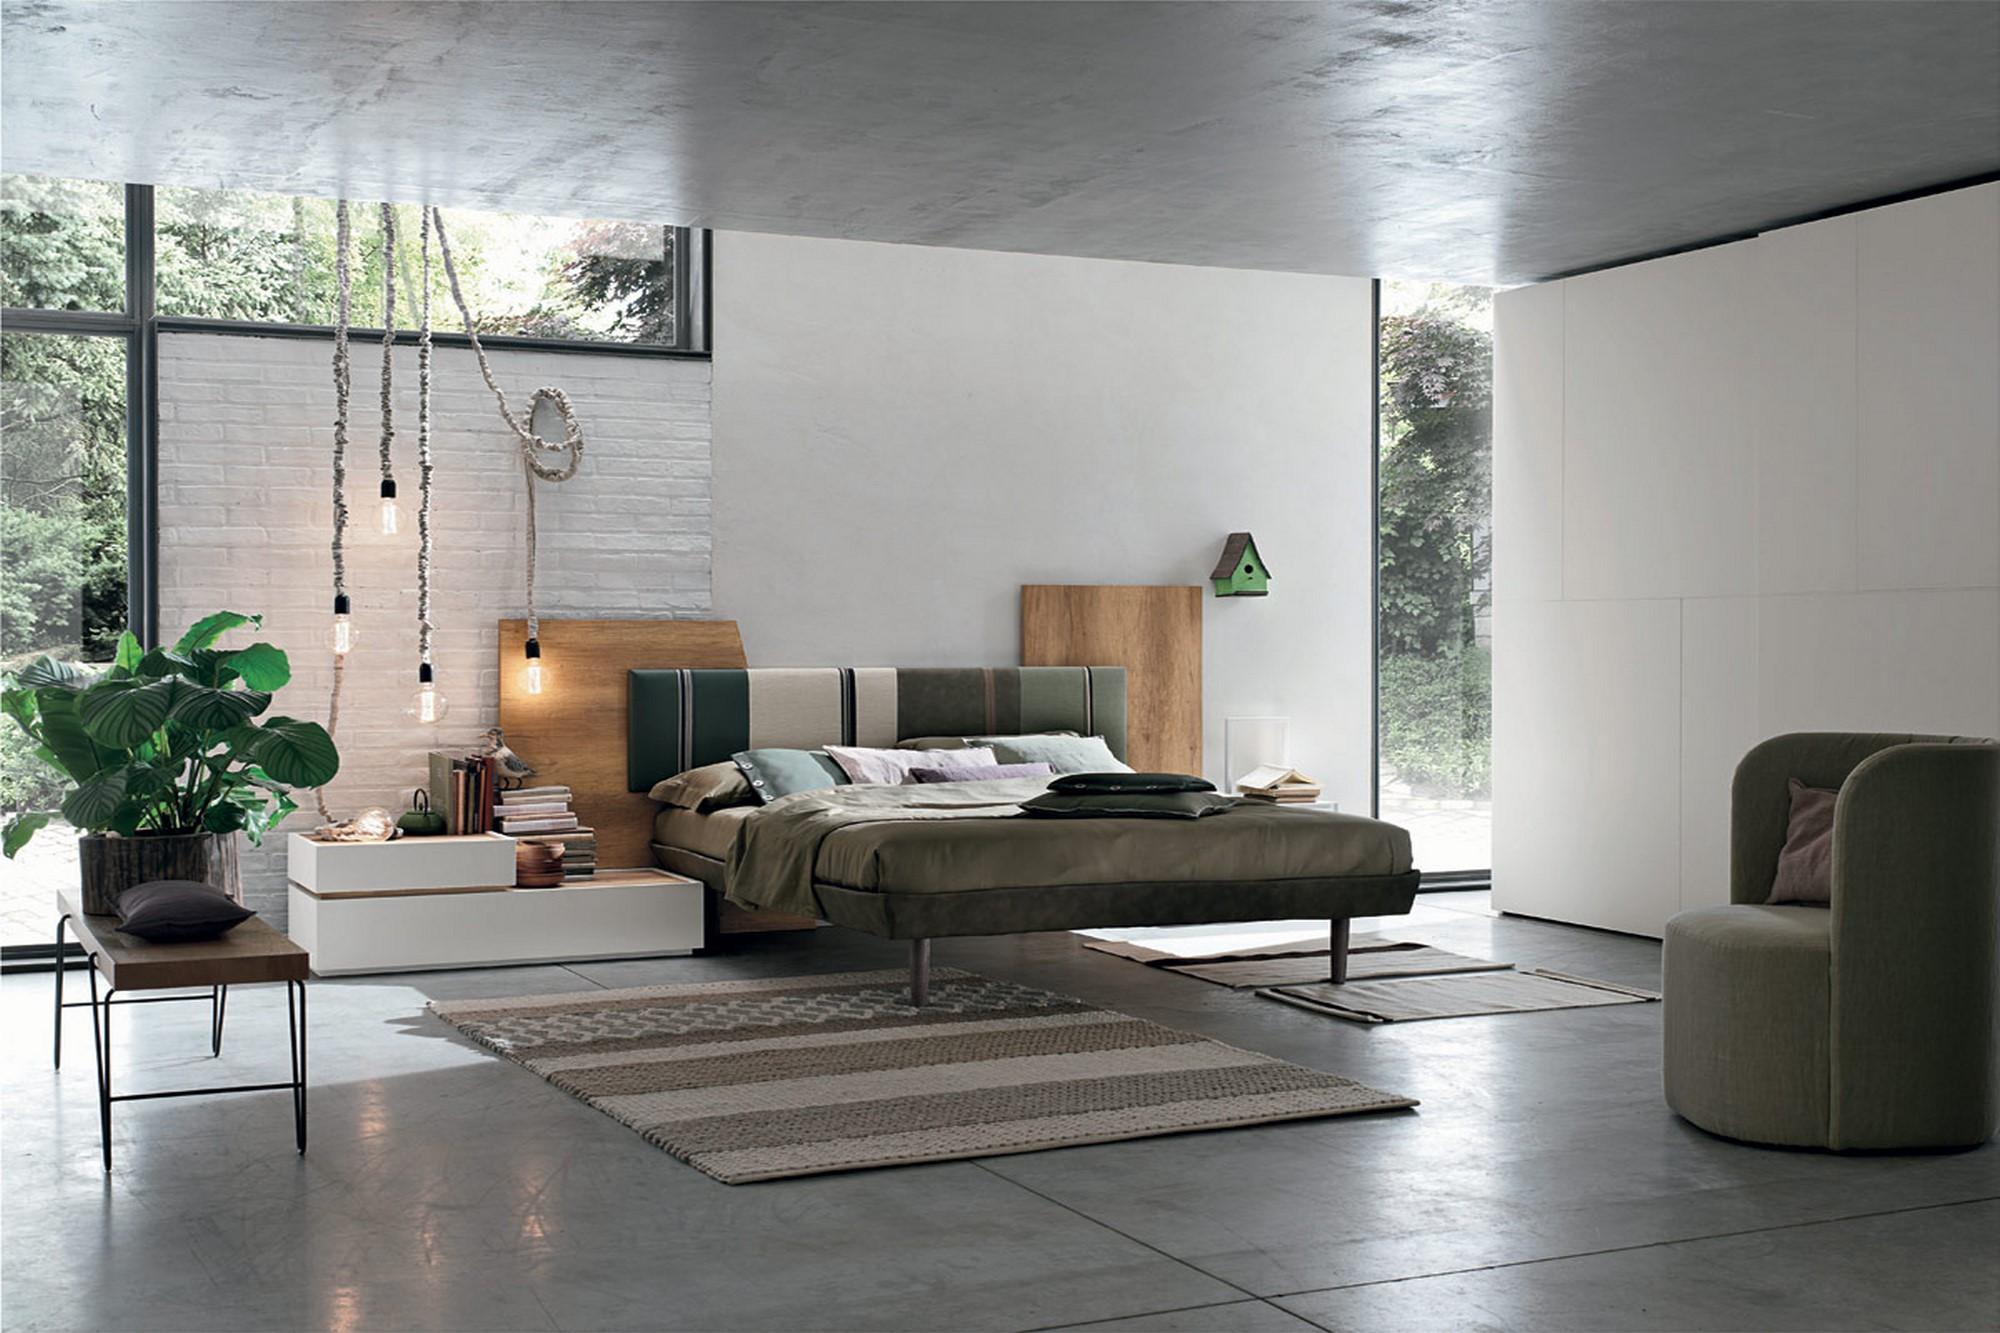 Camere da letto mobilificio Cominazzi Cavallirio - Novara